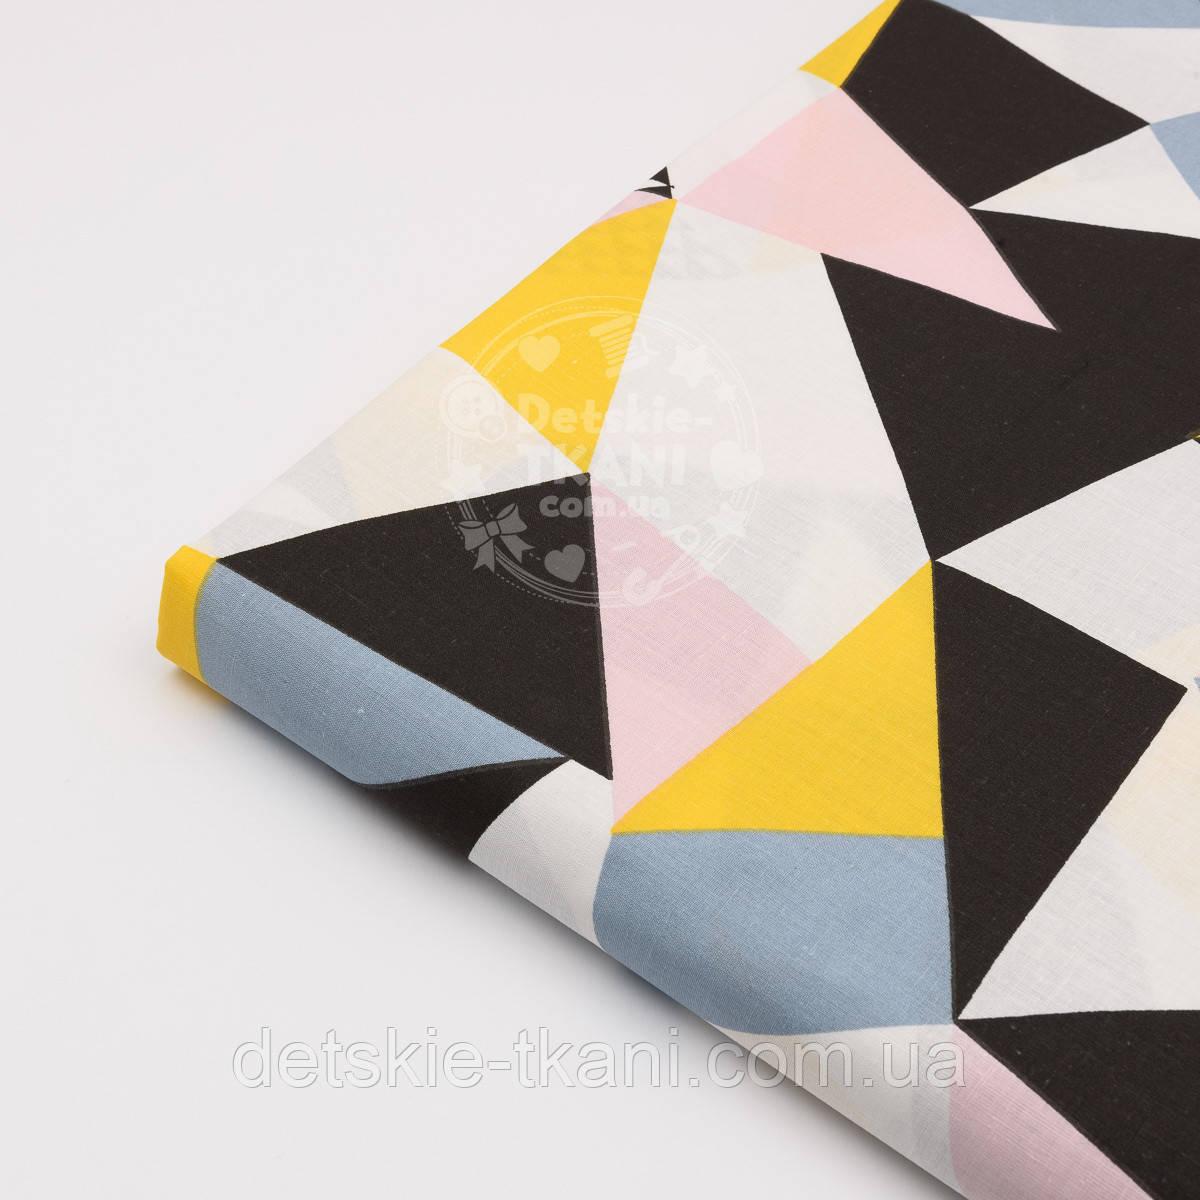 """Лоскут ткани """"Калейдоскоп из треугольников"""", цвет жёлтый, чёрный, голубой, розовый №1166а, размер 30*50см"""